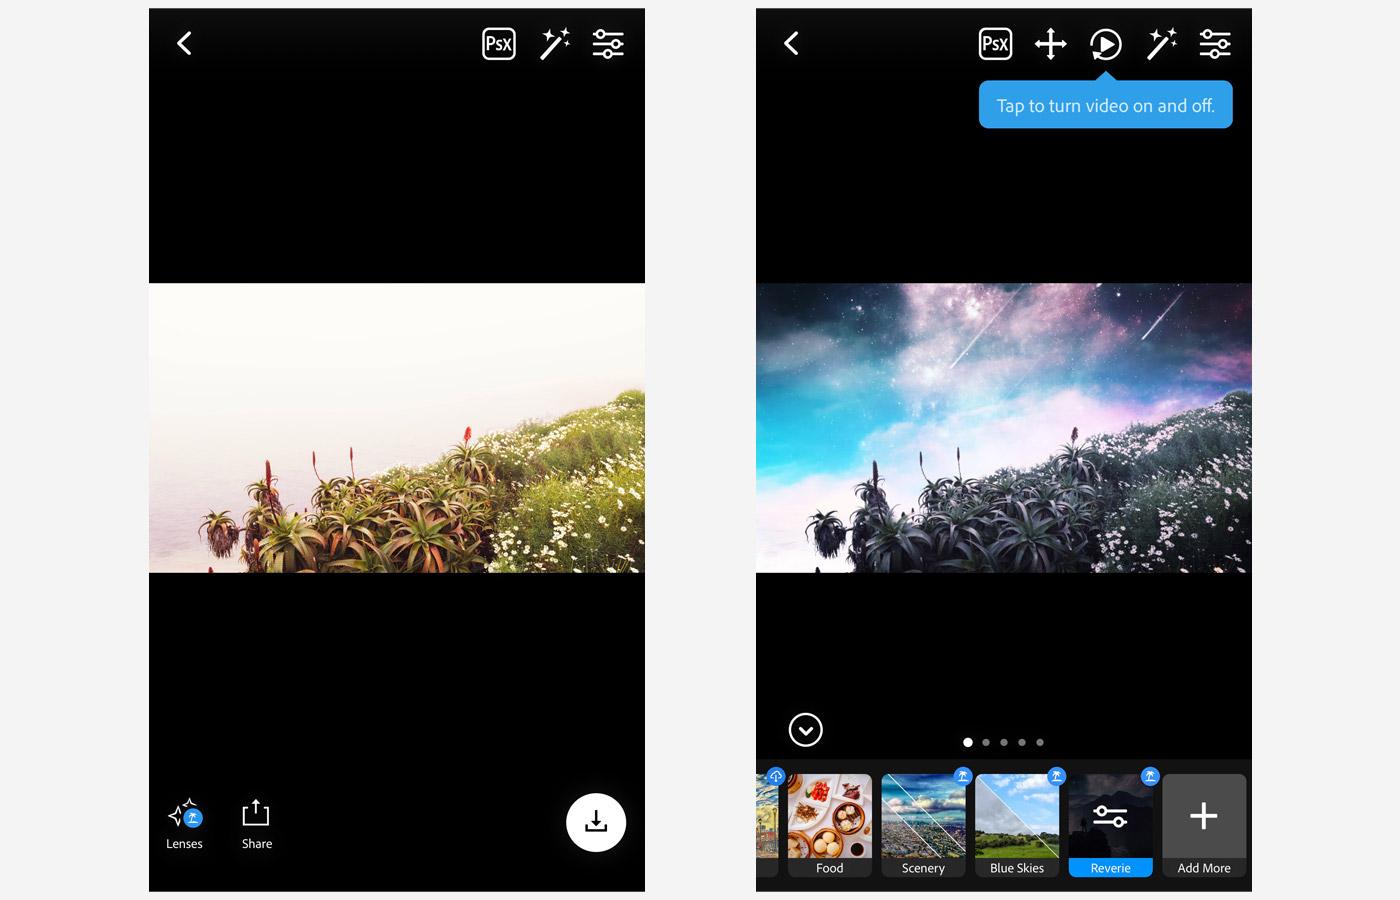 reverie lens ps camera app